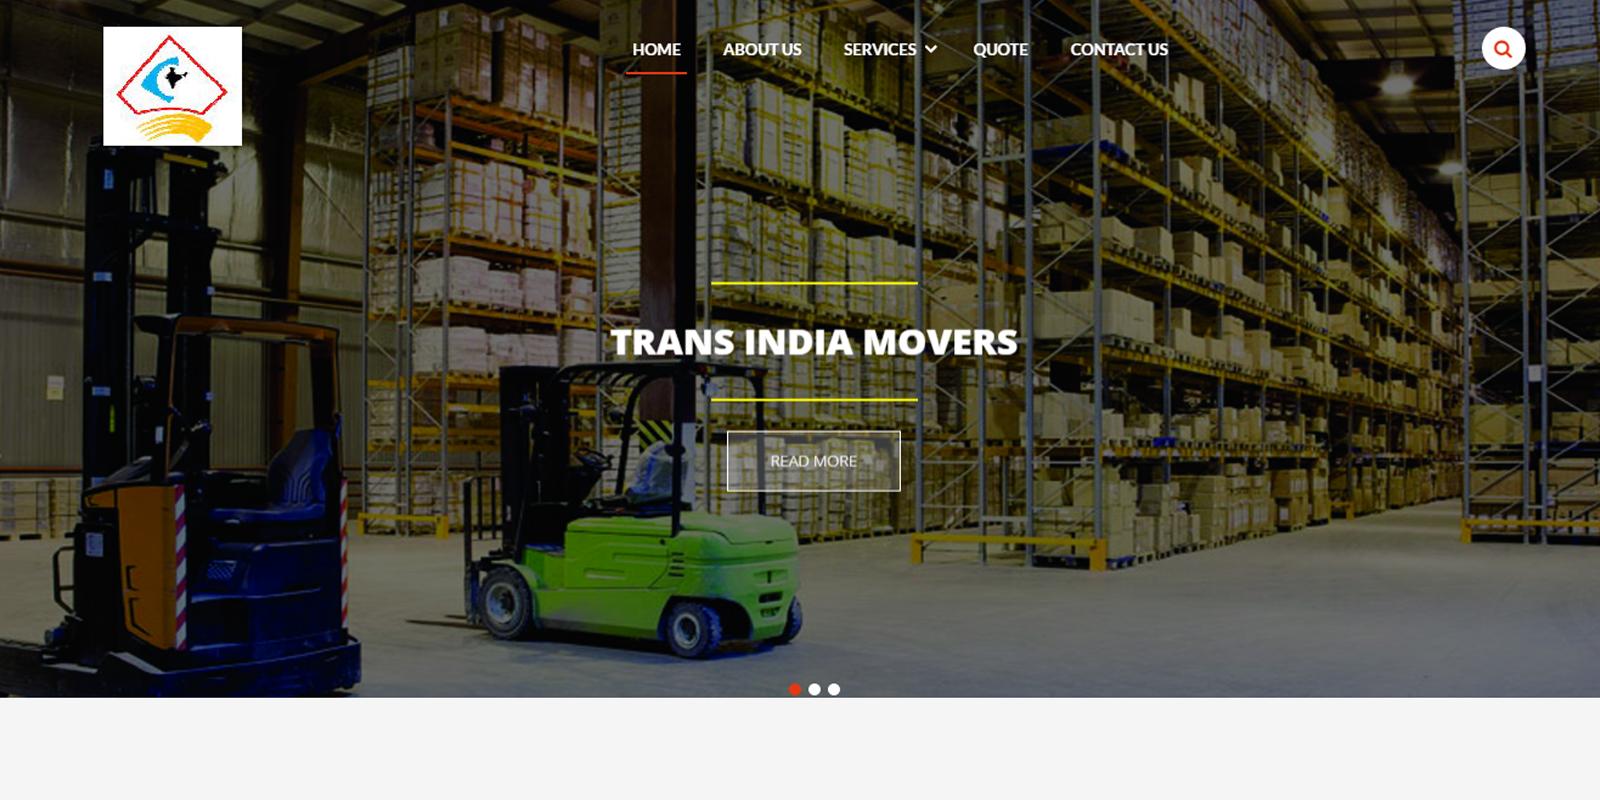 Web Design For Trans India Movers Web Designing Company Chennai India I Web Design Agency India Singapore Us Uk